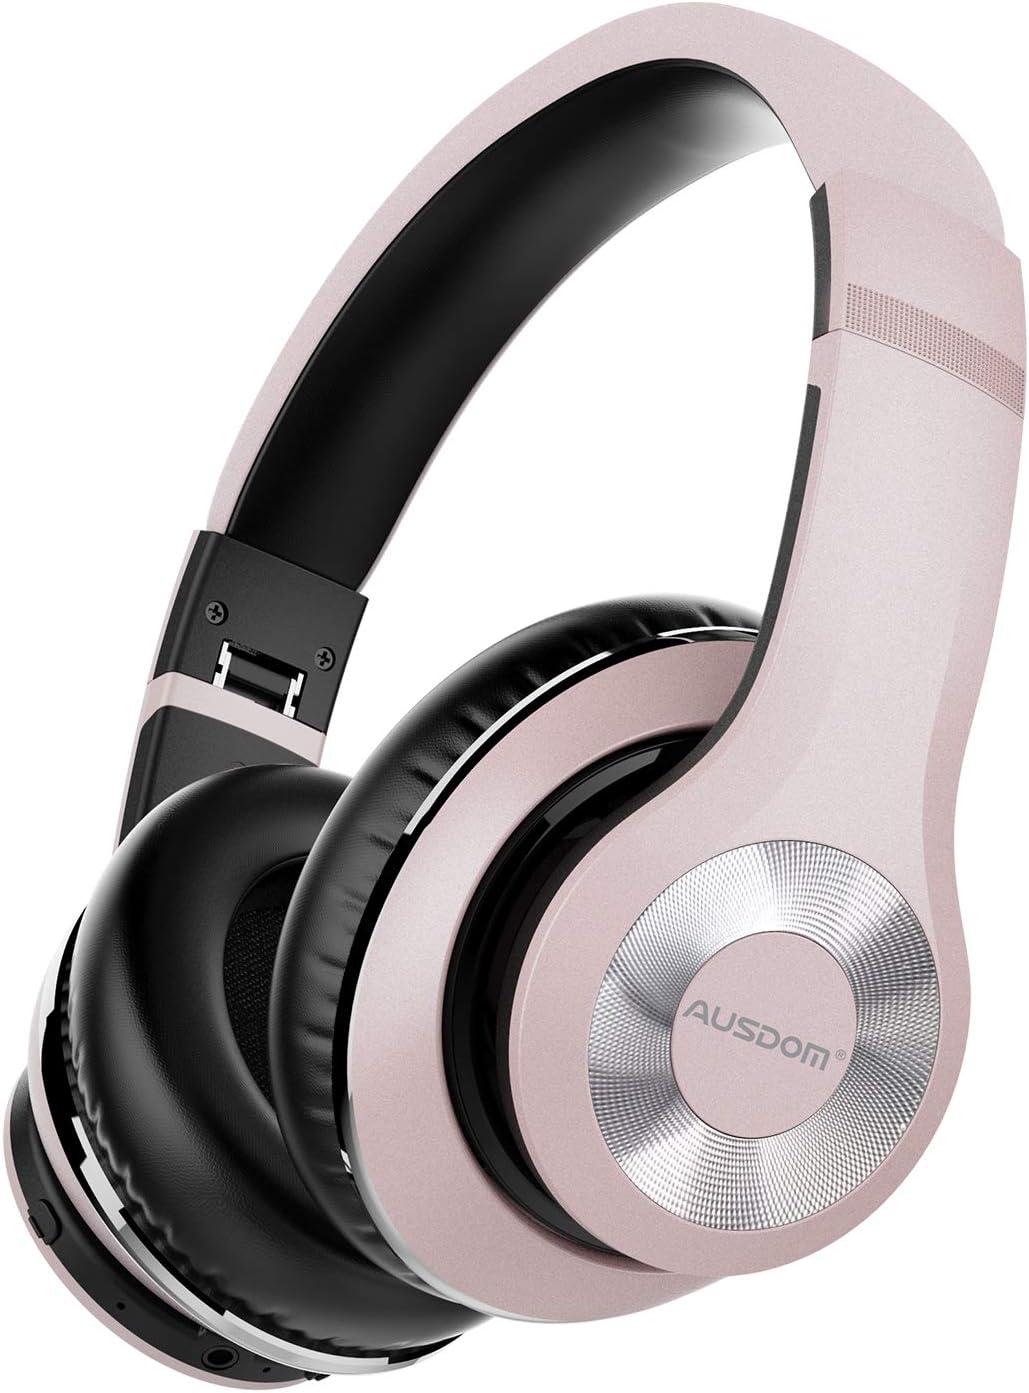 AUSDOM ANC10 Auriculares Bluetooth 5.0 con Cancelacón Activa de Ruido, Cascos Inalámbricos Bluetooth con Micrófono Hi-Fi Deep Bass,Cómodo Protein Earpads, para PC/Teléfonos Celulares/TV- Rosado